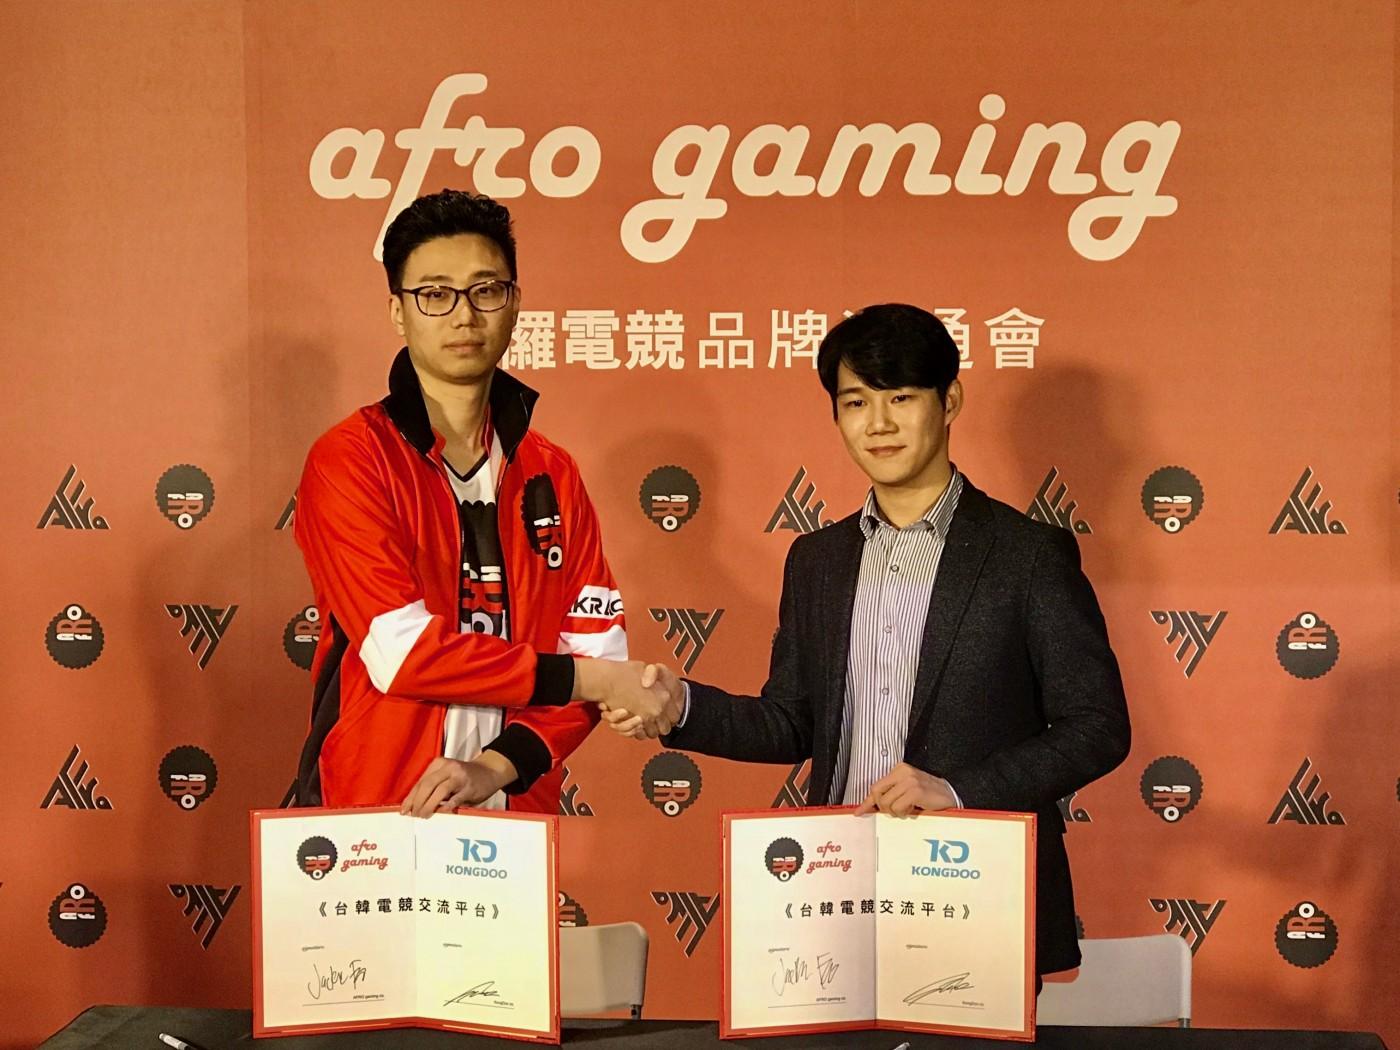 選手也可當藝人,普儸電競師法南韓,打造電競娛樂公司